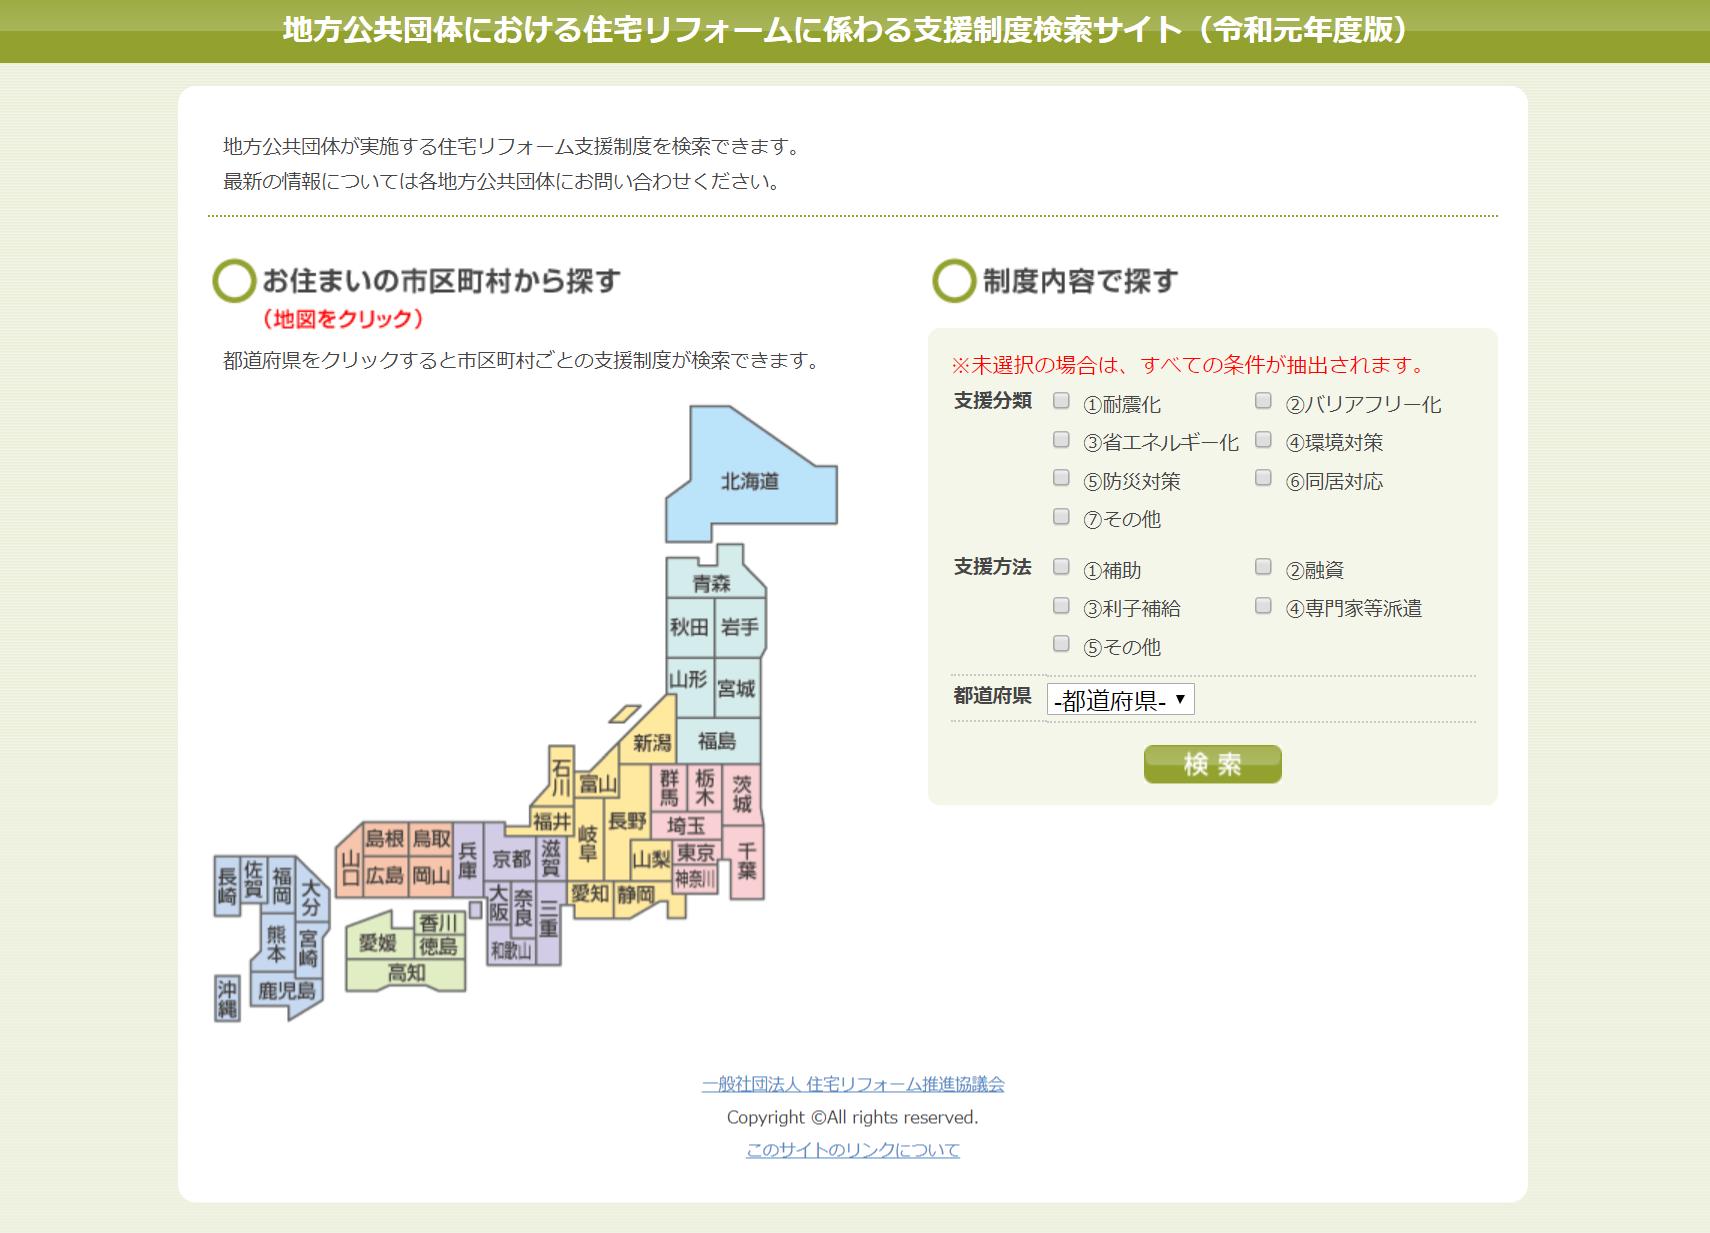 地方公共団体における住宅リフォームに係わる支援制度検索サイト(平成28年度版)